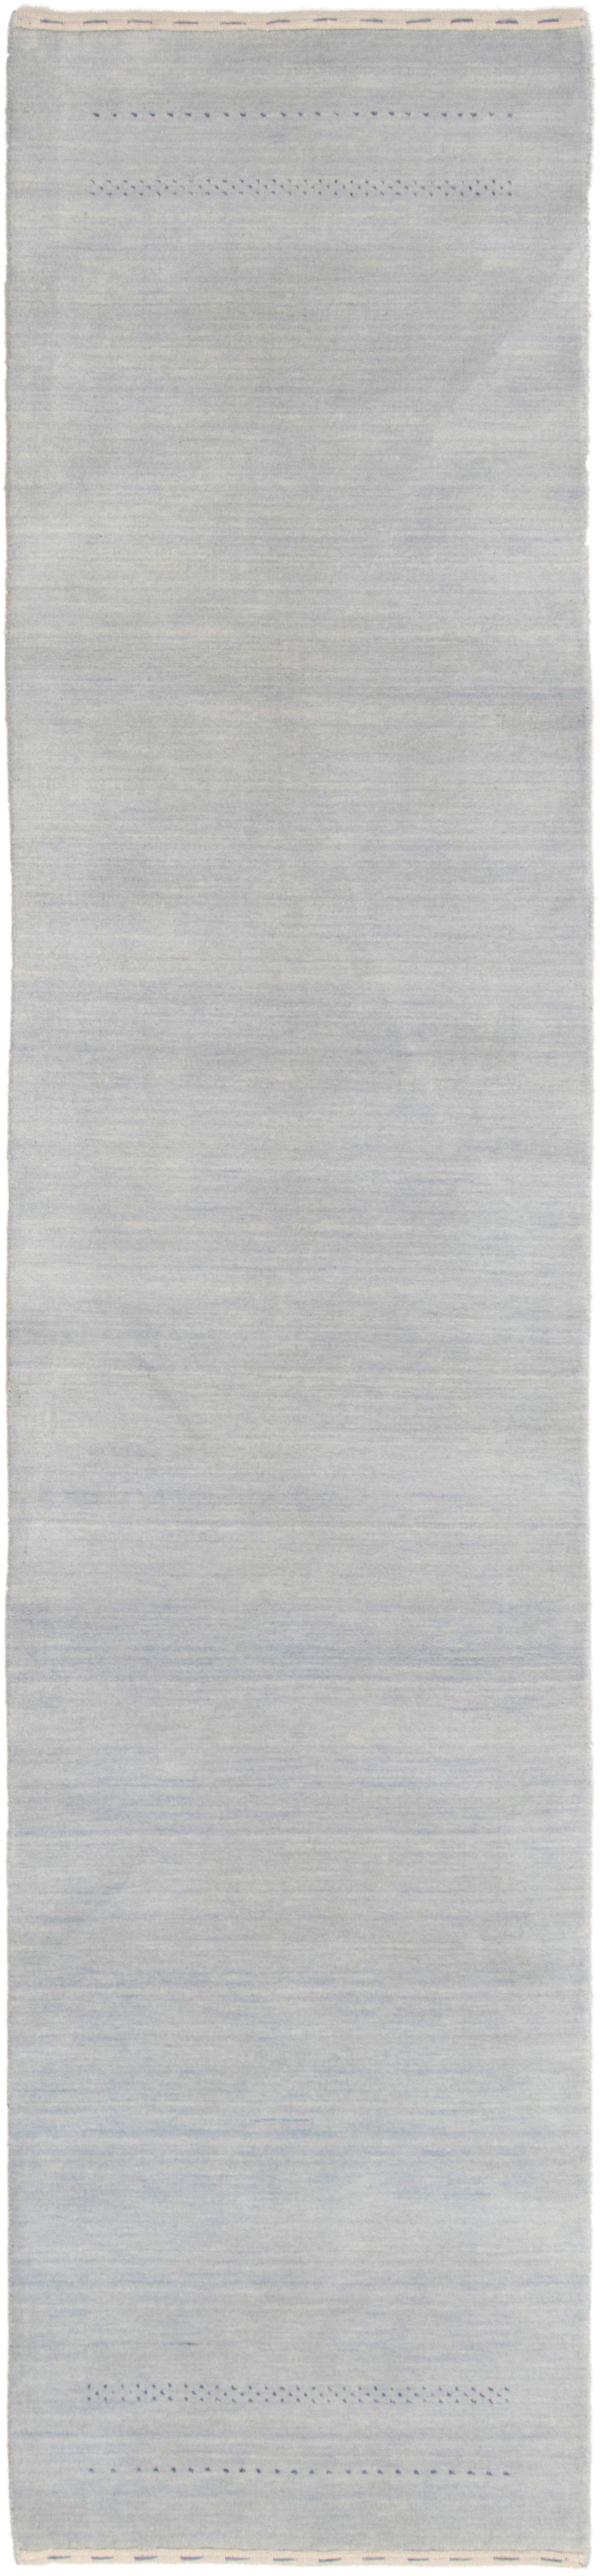 """Hand-knotted Kashkuli Gabbeh Light Blue  Wool Rug 2'8"""" x 12'2"""" Size: 2'8"""" x 12'2"""""""